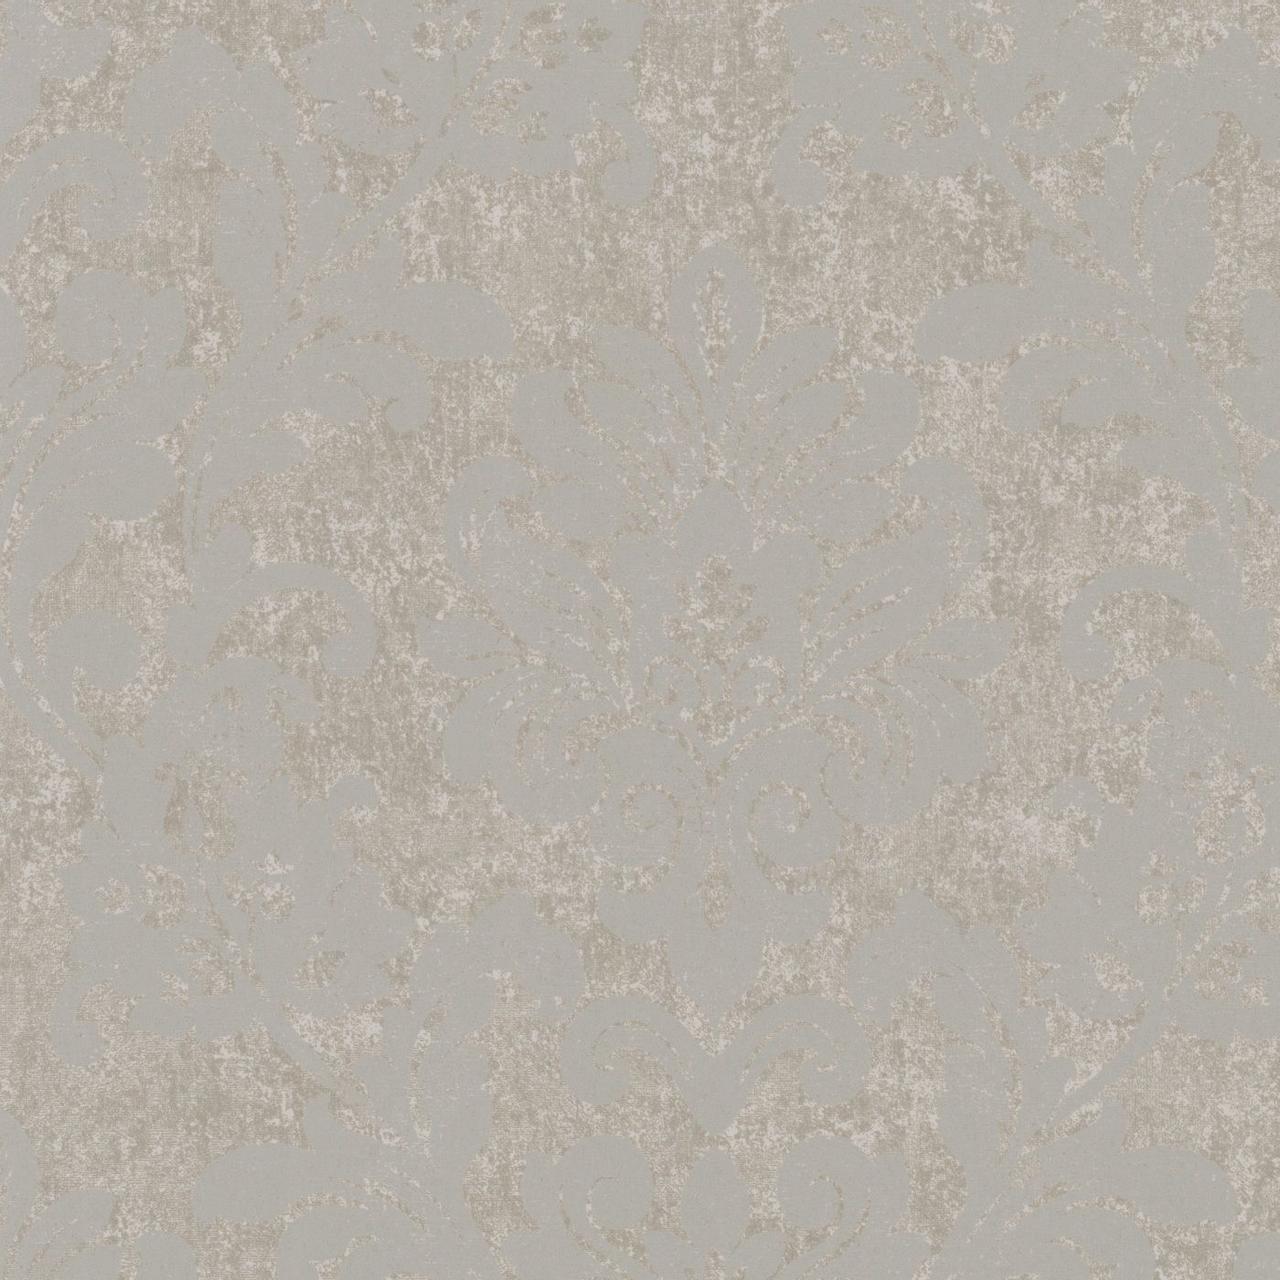 Флизелиновые обои MARBURG PADUA 56150   57301 Серые-Коричневые-Белые-Бежевые, КОД: 166242